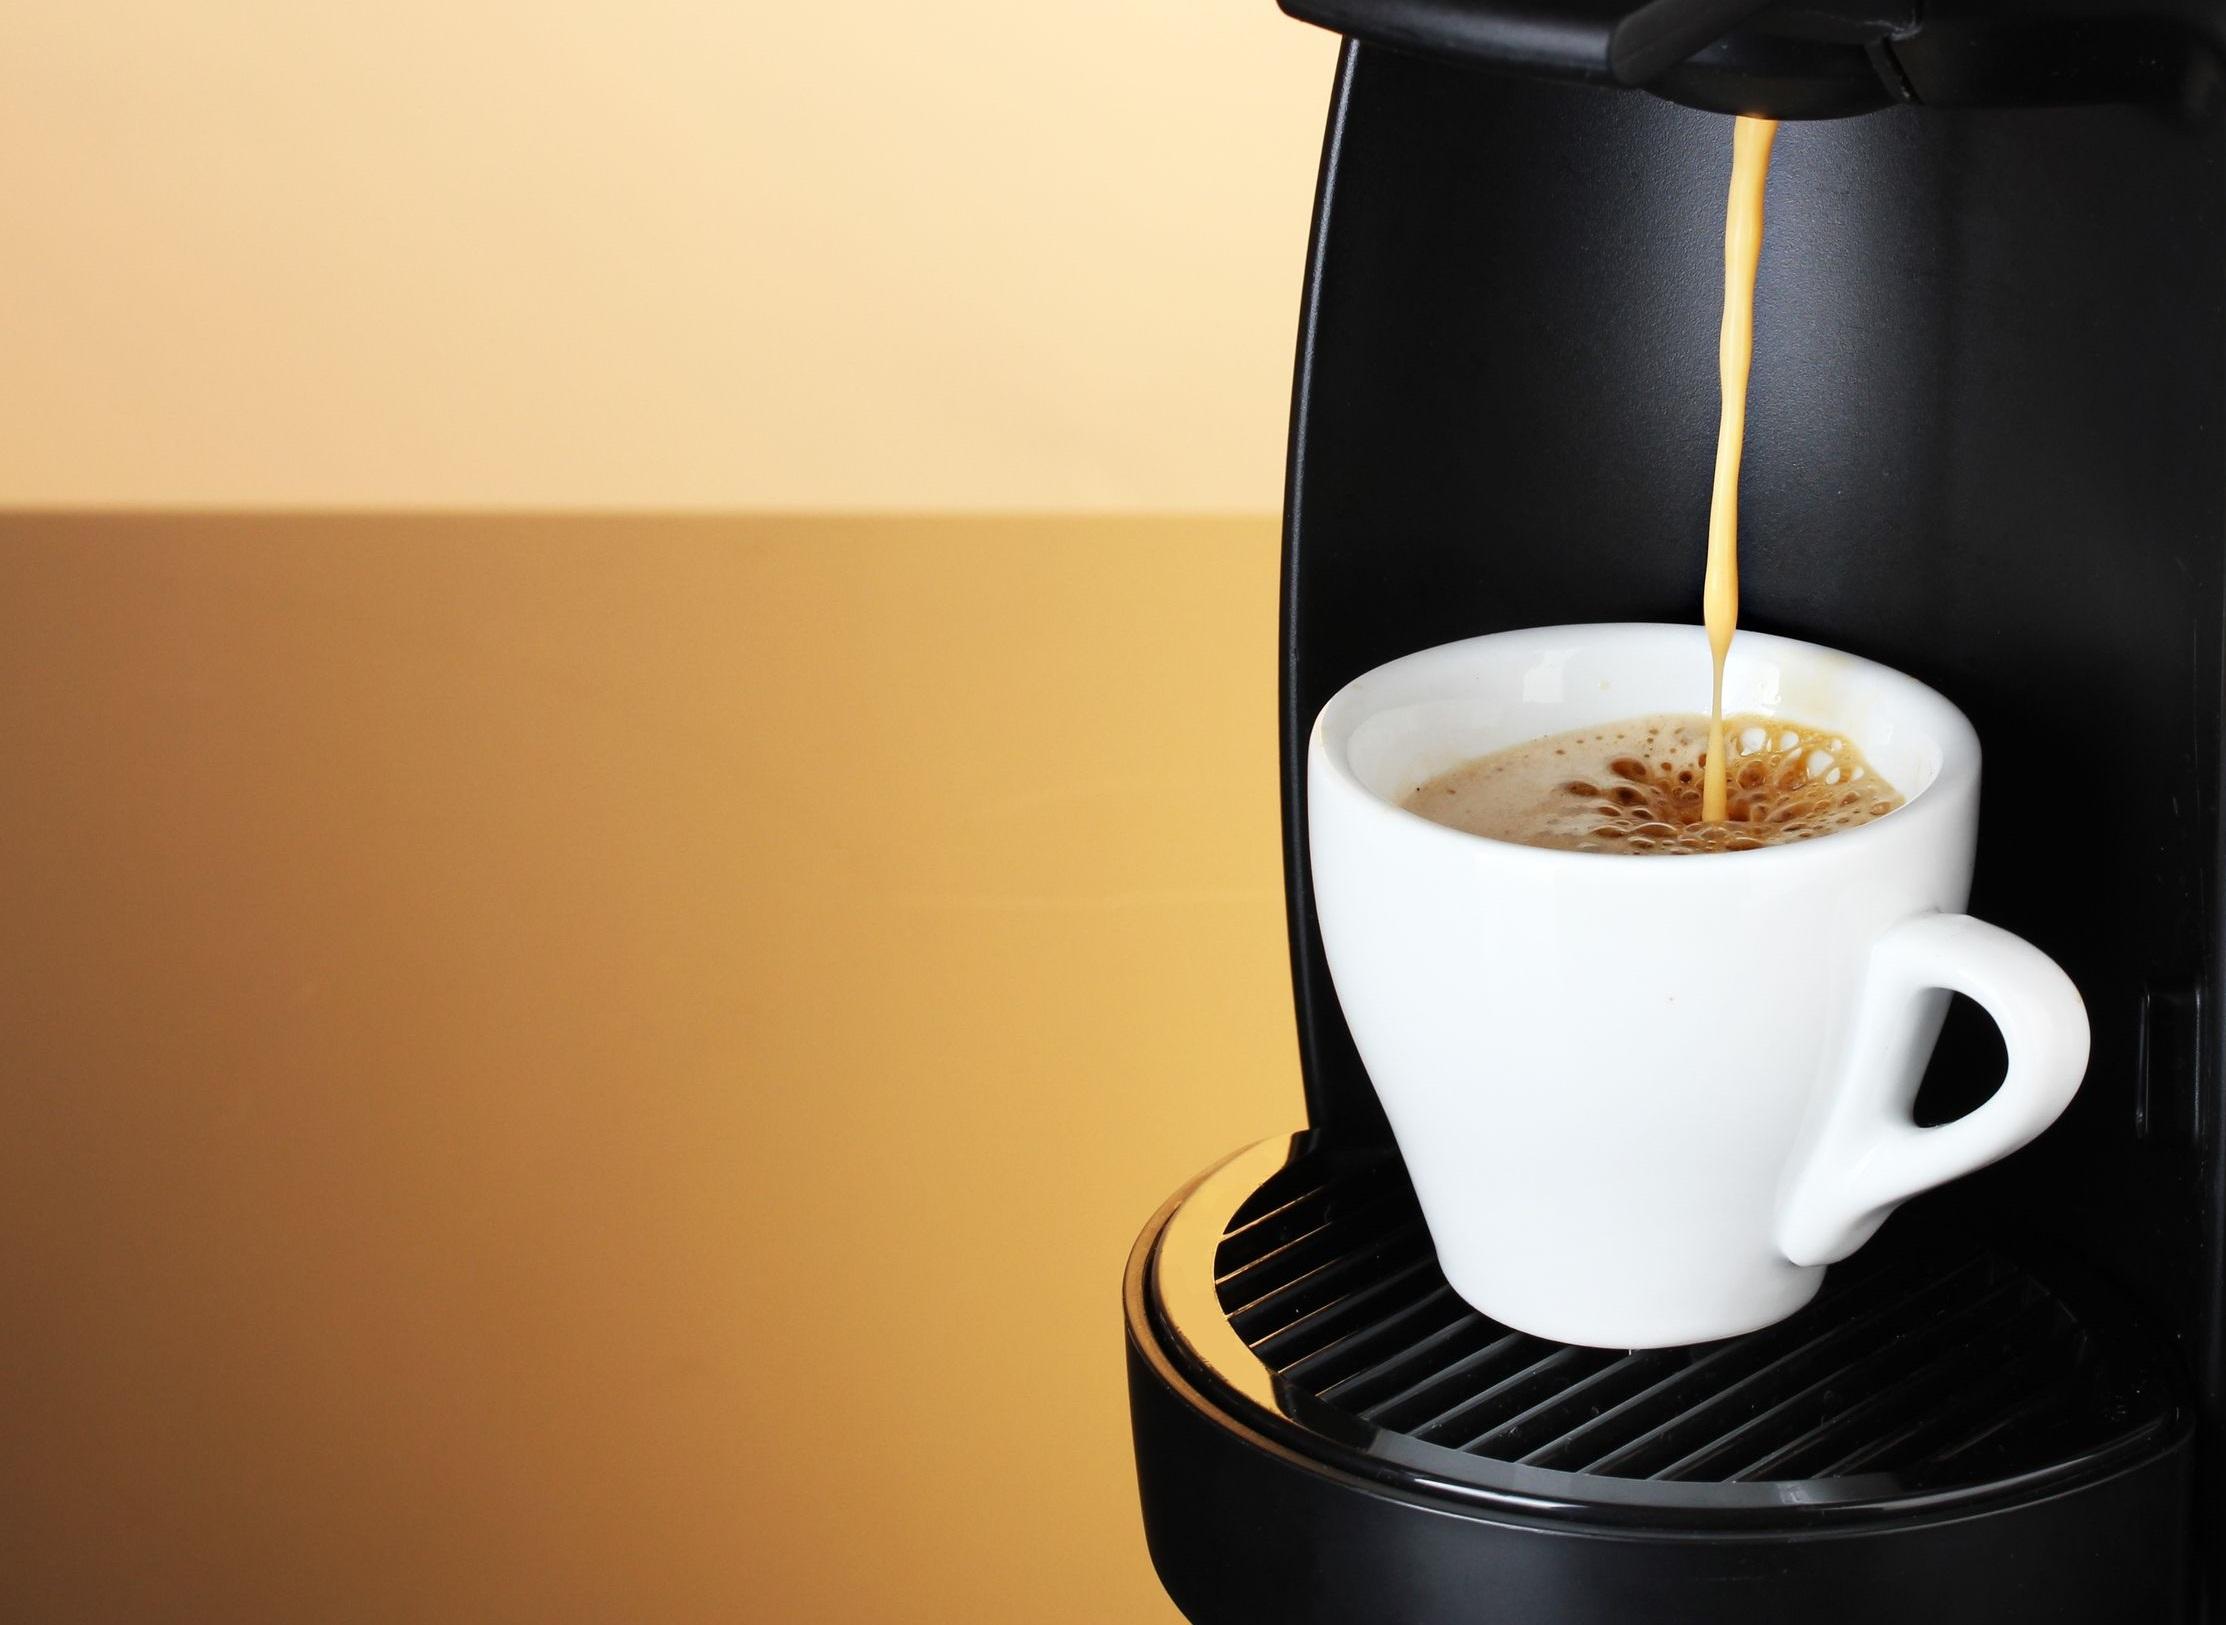 cafeteira Dolce Gusto com xícara de cappuccino em um fundo escuro